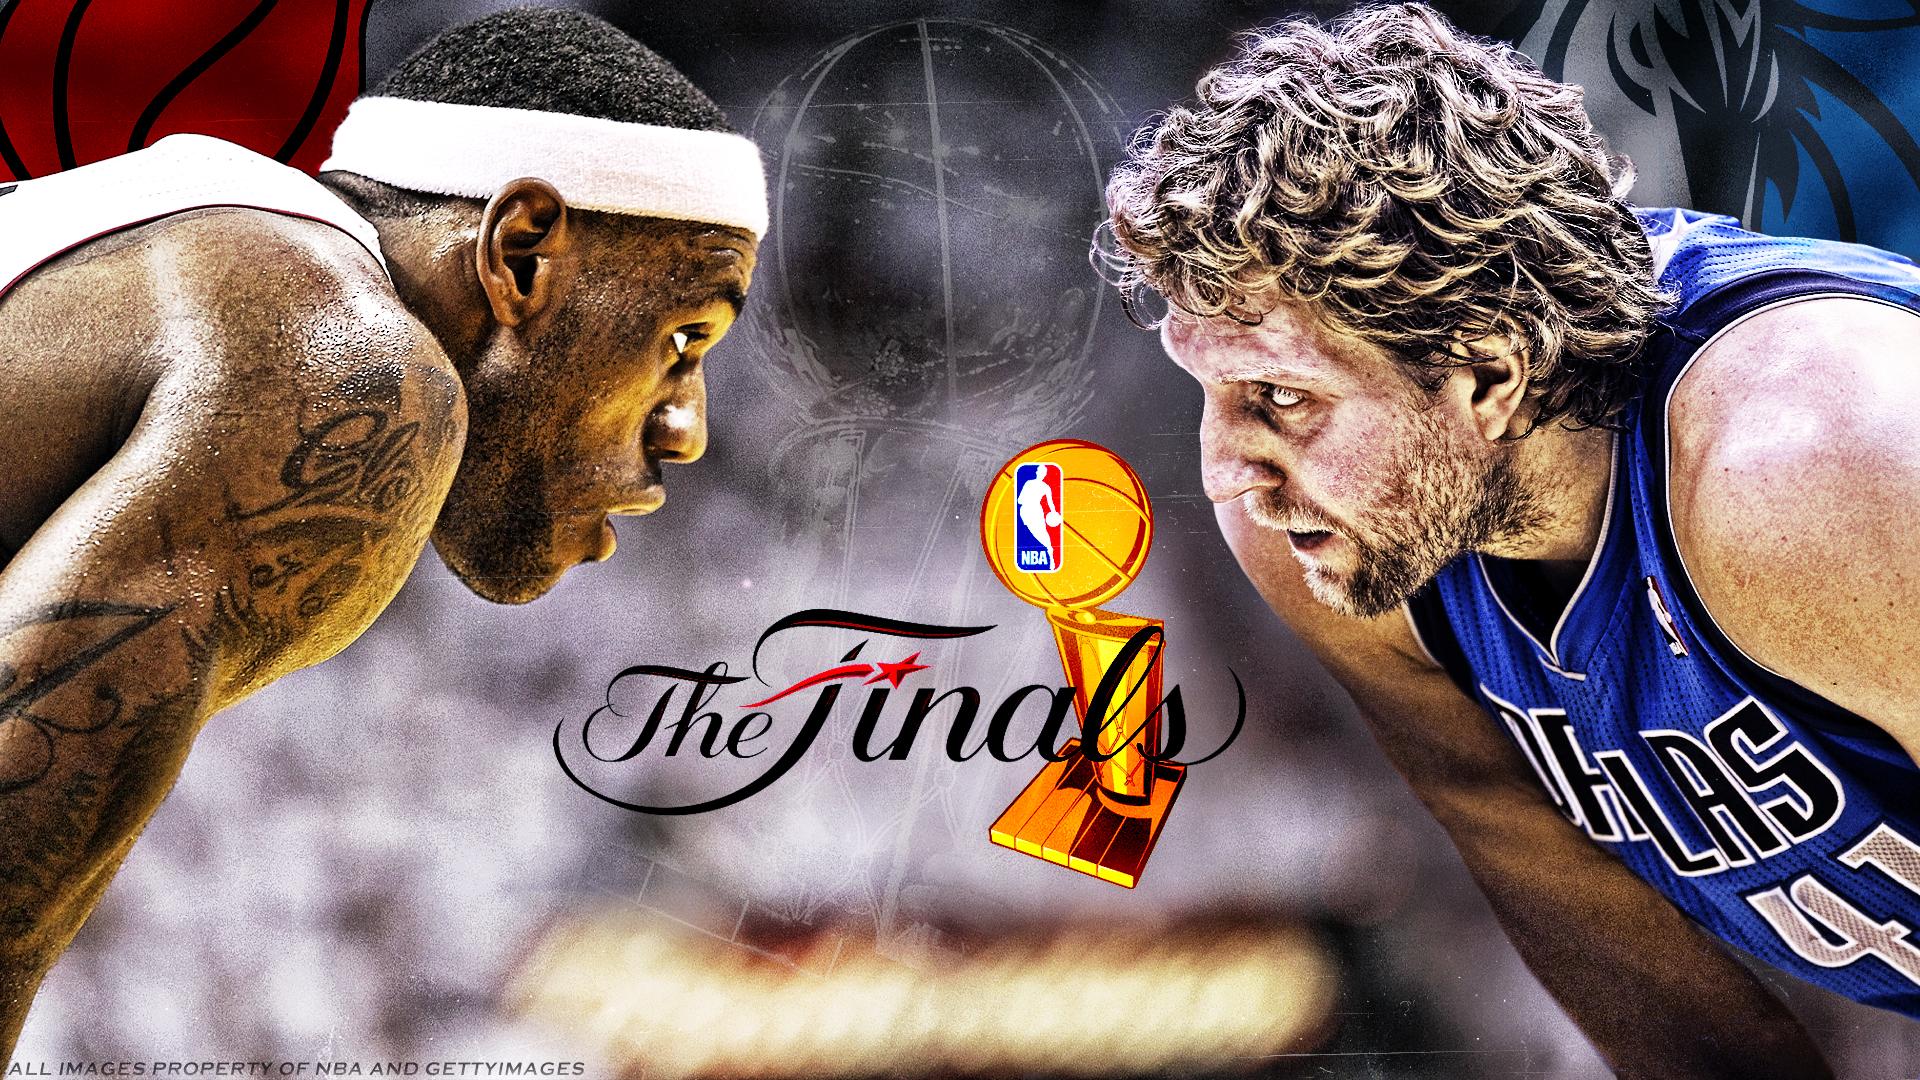 The Miami Heat vs The Dallas Mavericks - 2011 NBA Finals - Photo ...